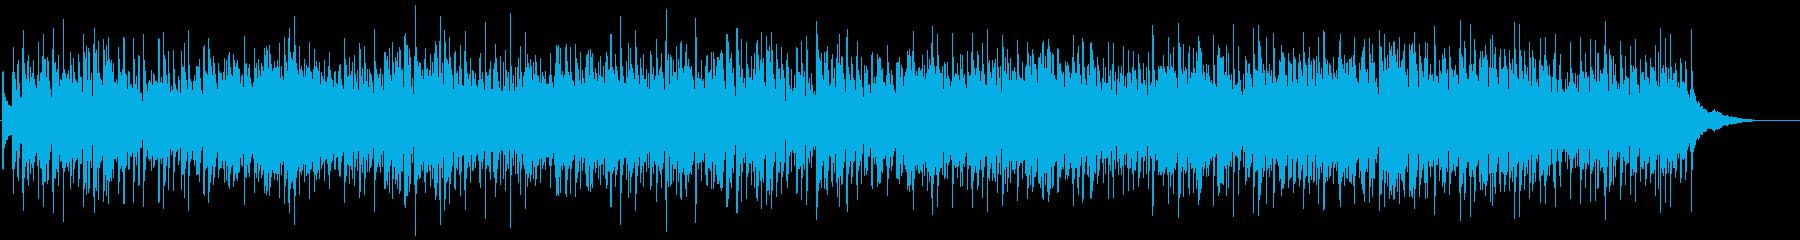 ピアノでご機嫌なノリのブルーグラスの再生済みの波形